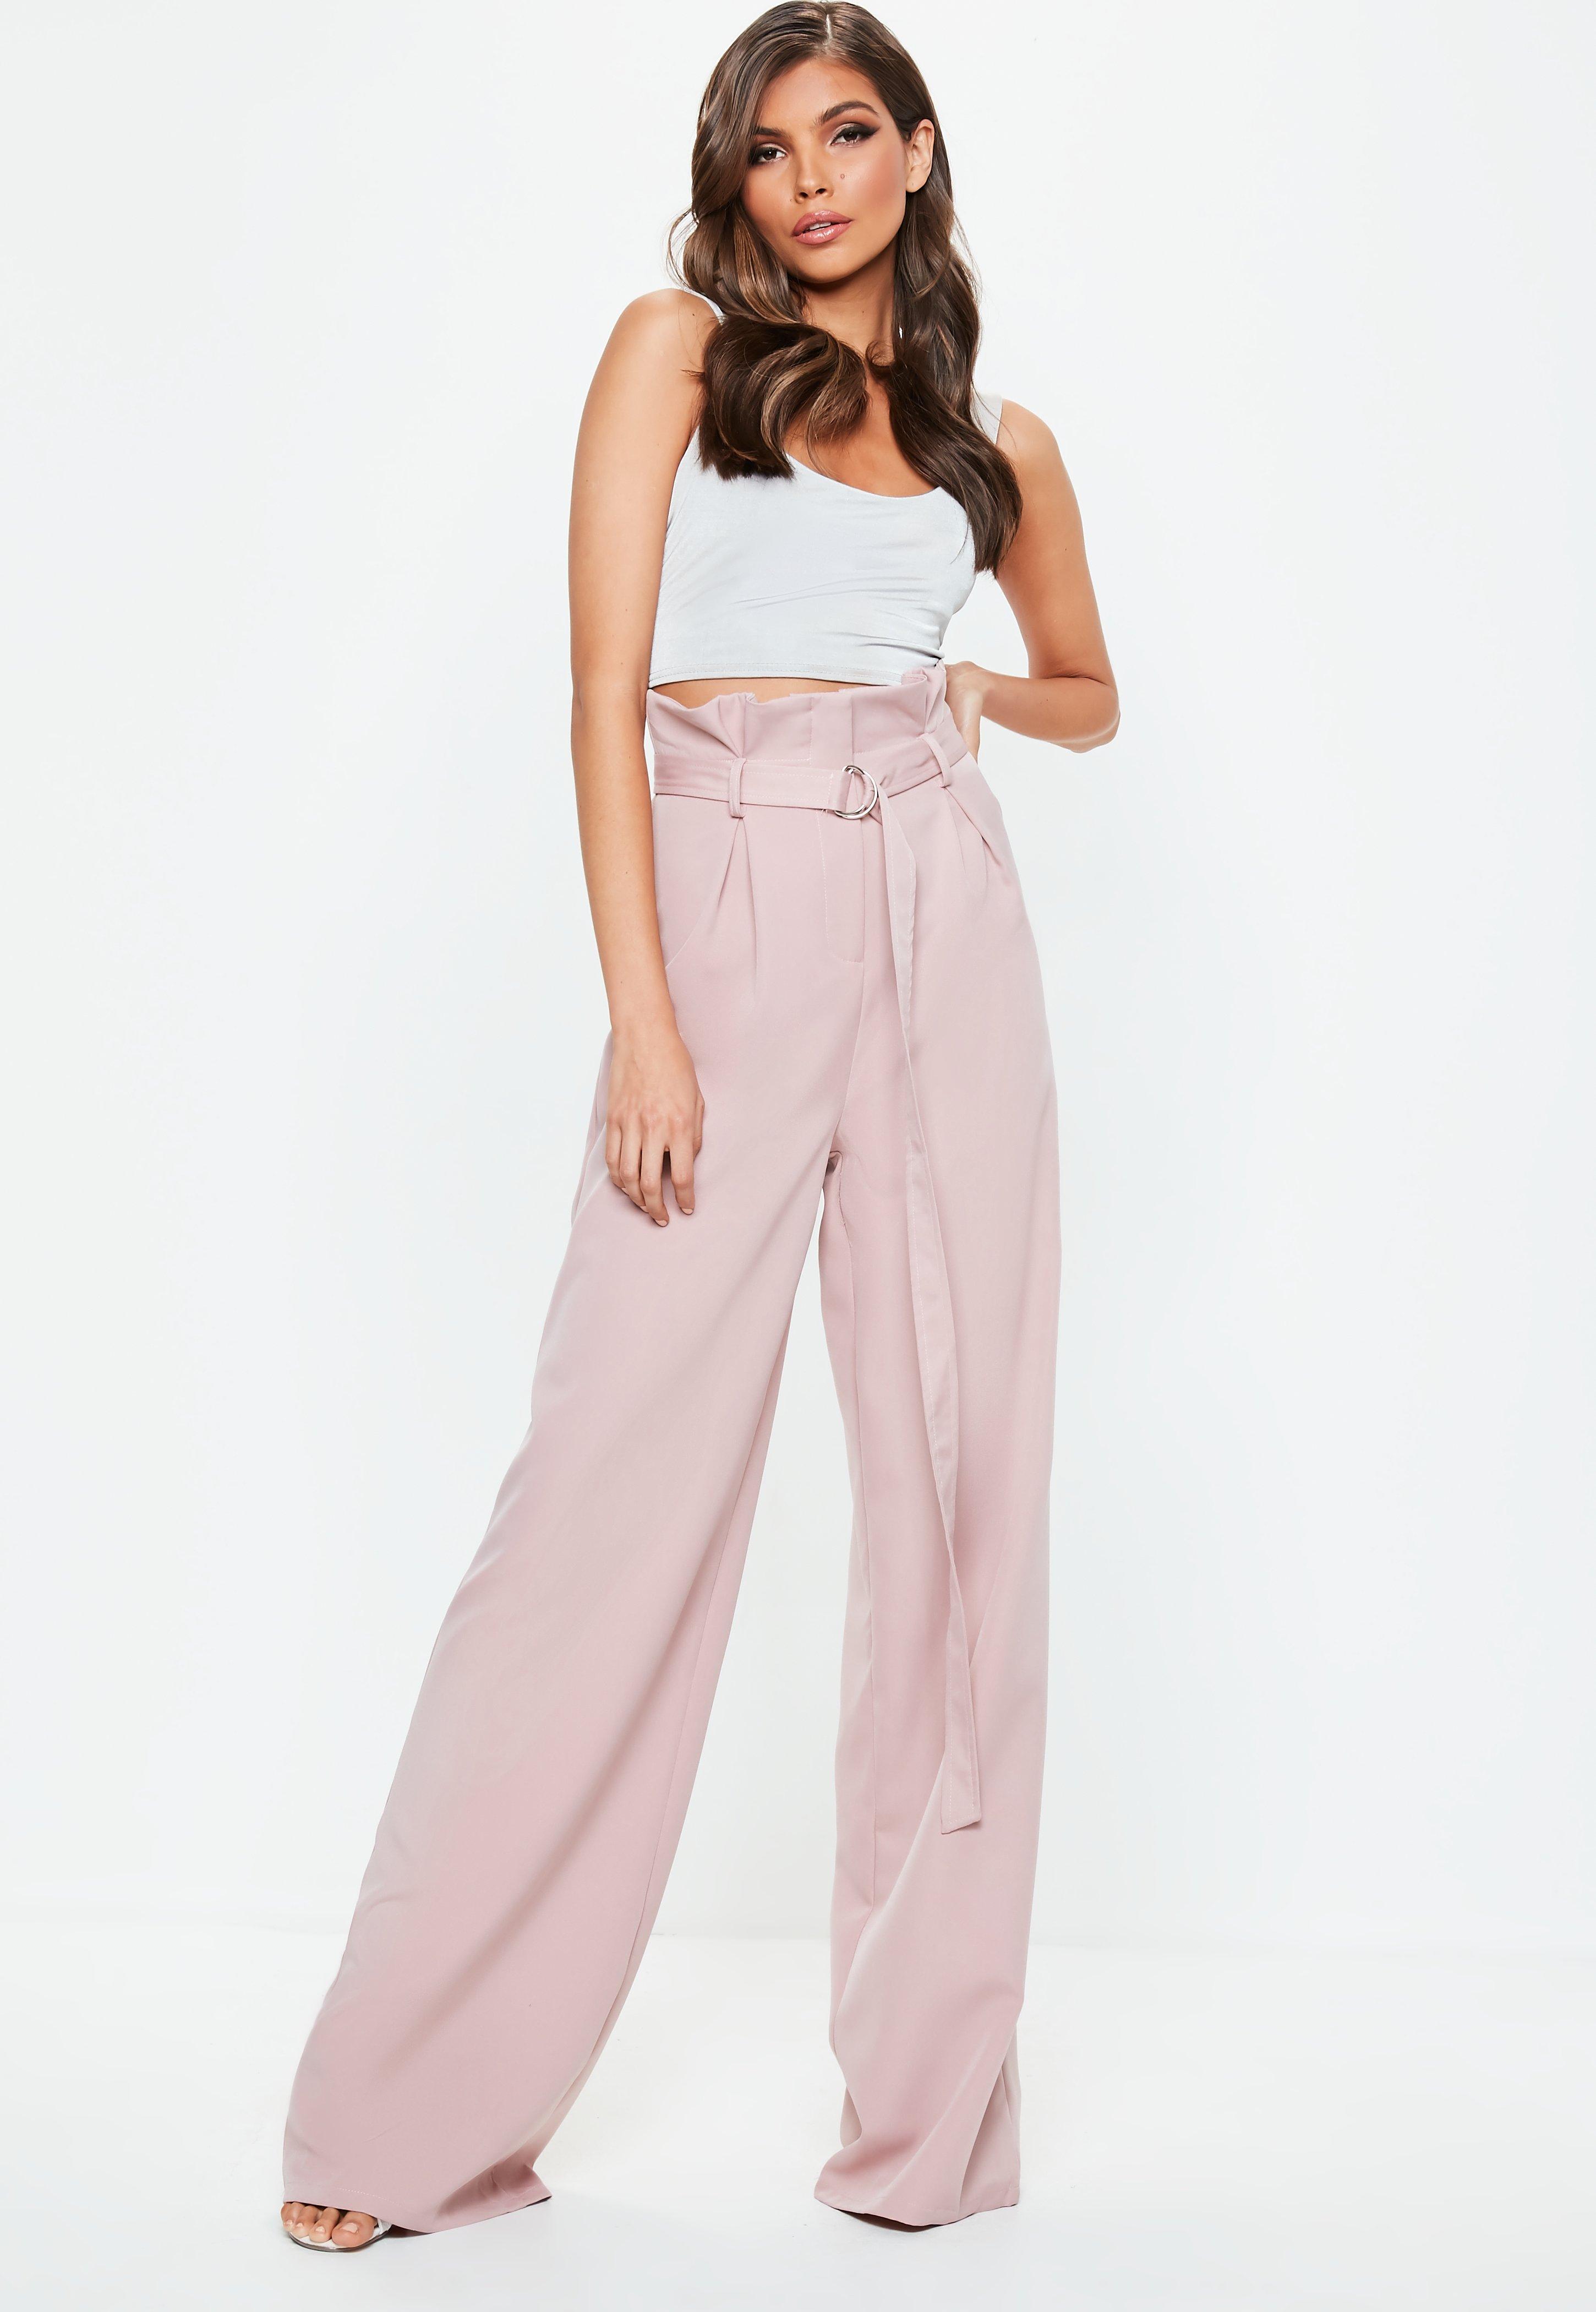 Missguided Pantalon Pour Pour Missguided Femme Tall Femme Pantalon Pantalon Pour Tall Tall Femme wIIqYO